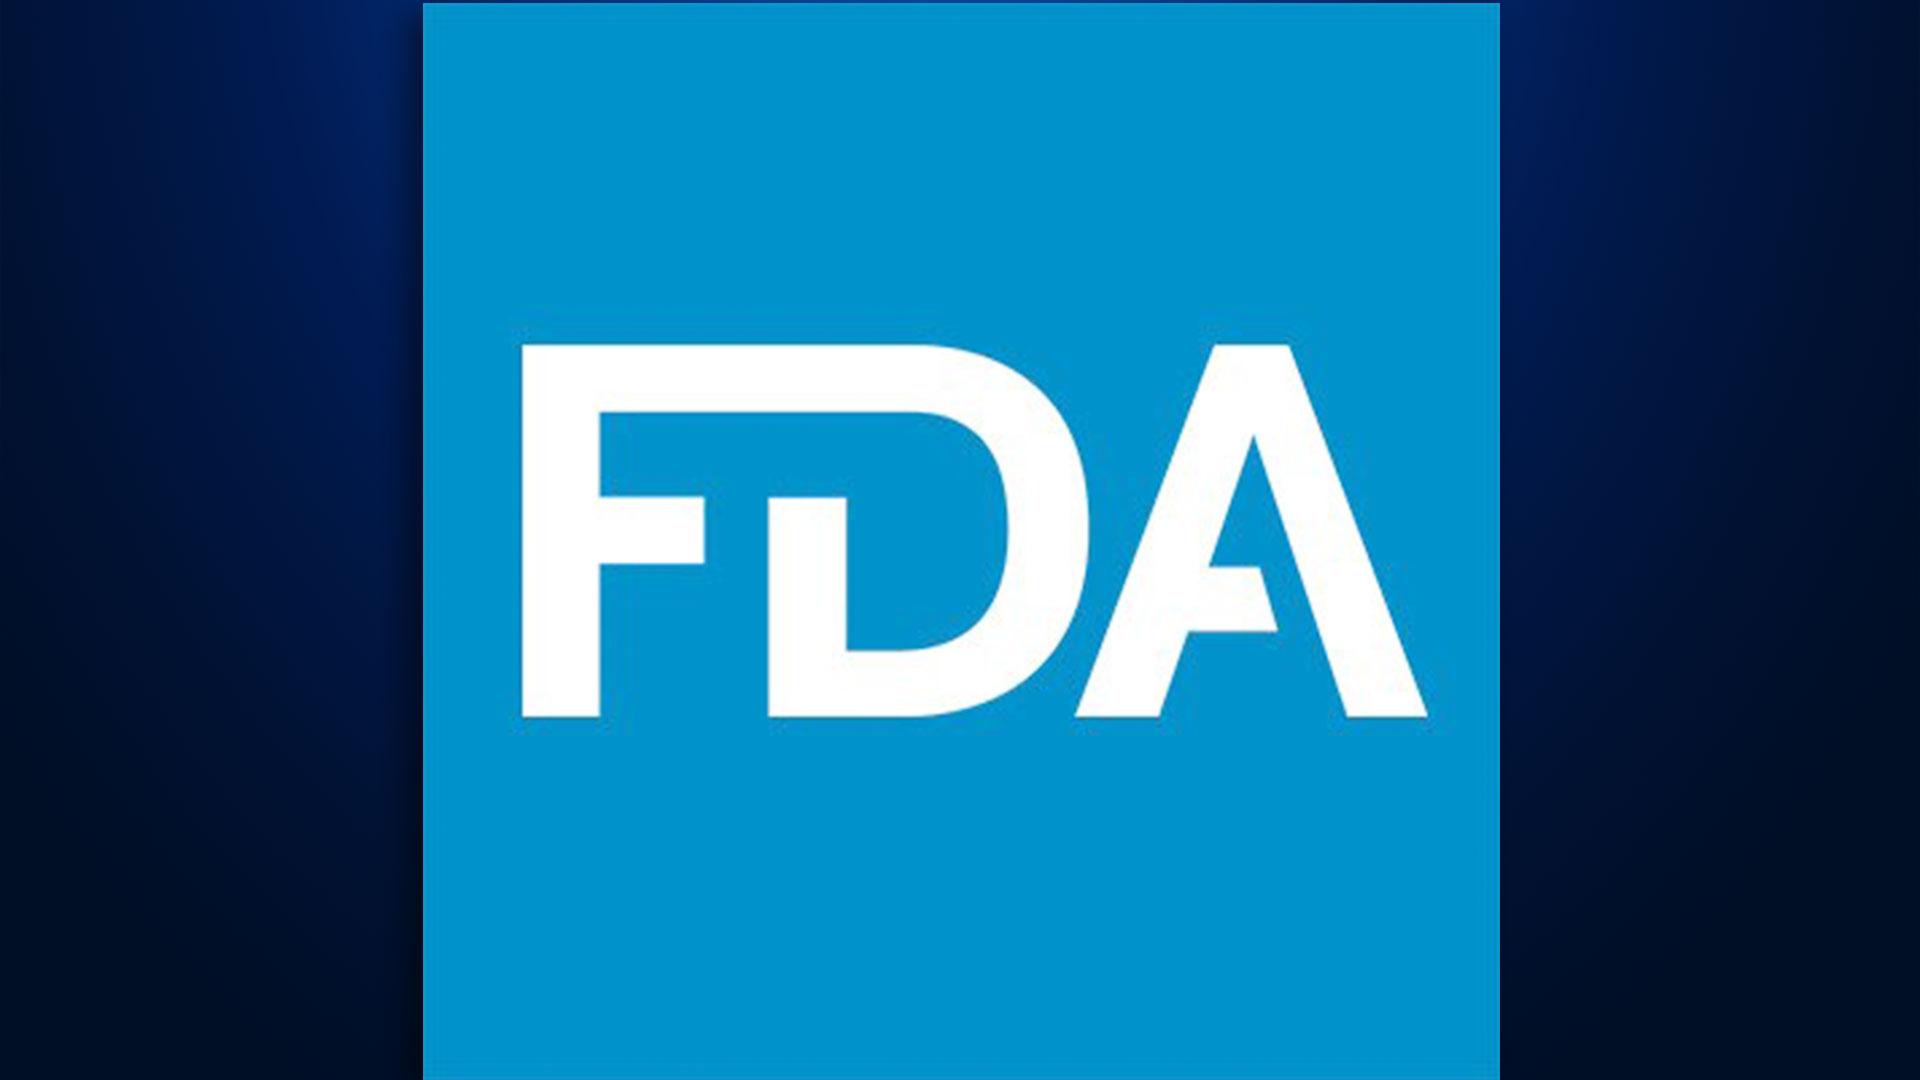 KELO FDA